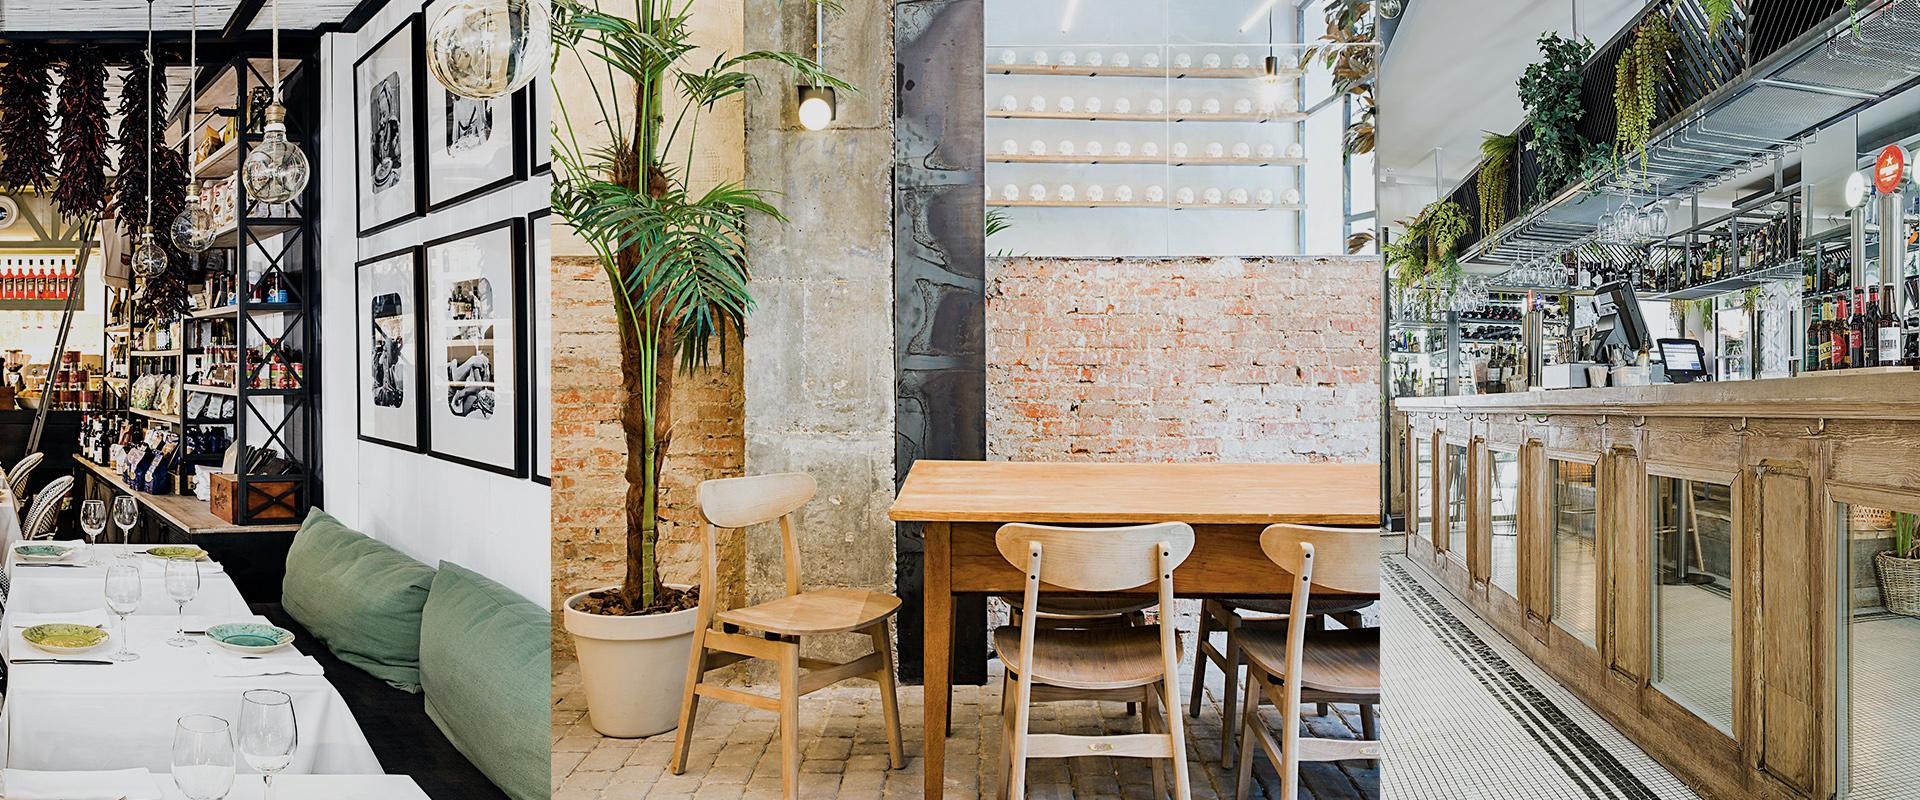 decoracion-interiores-el-jueves-madrid4